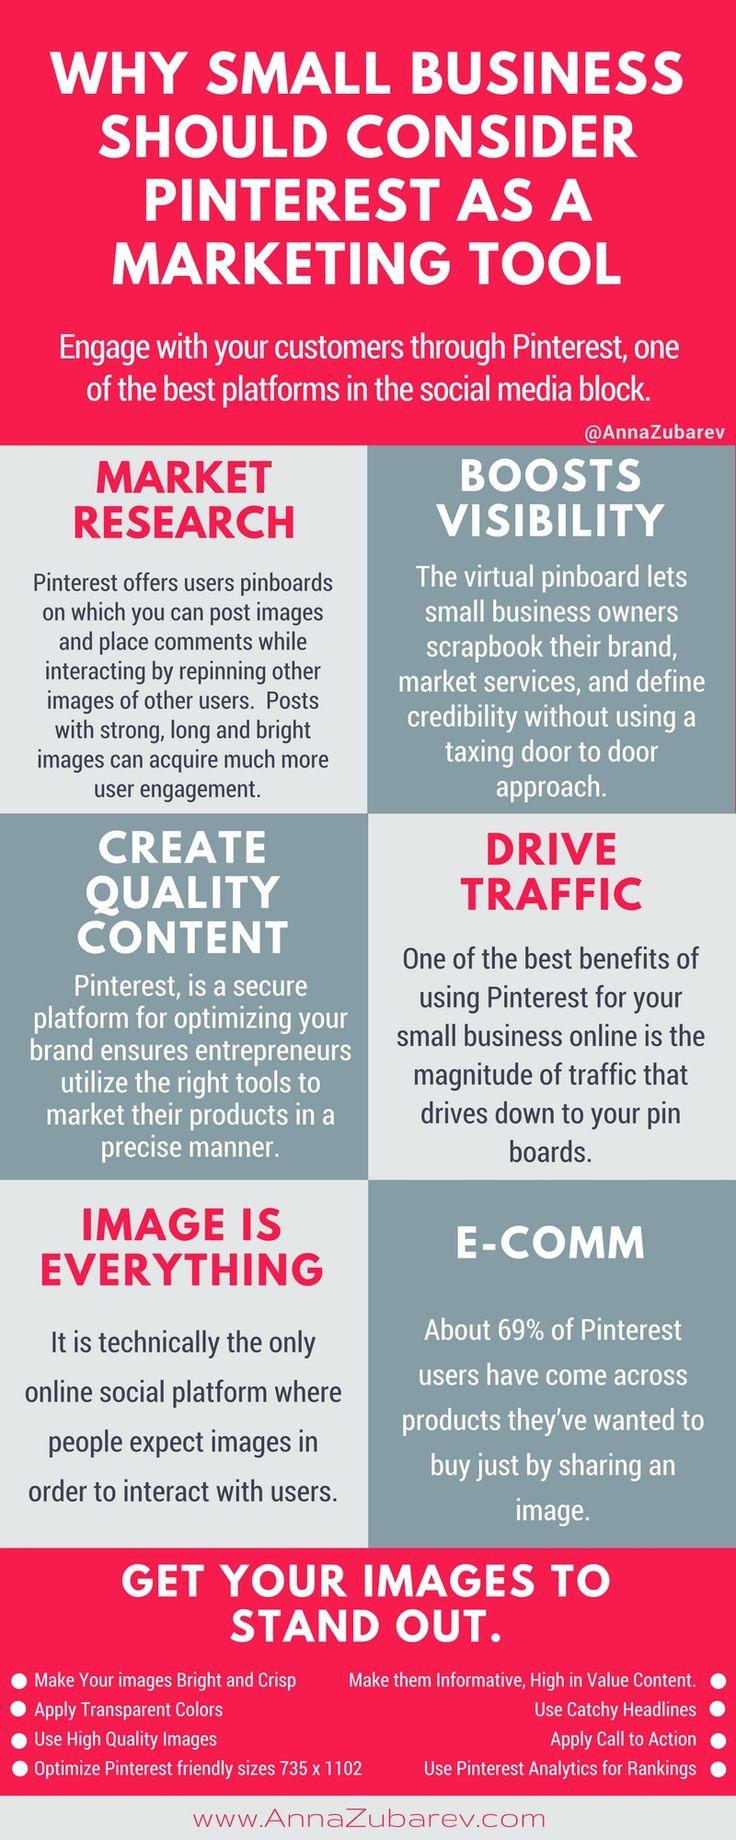 Why Small Business Should Consider Pinterest as a Marketing Tool. via @annazubarev via @https://www.pinterest.com/annazubarev/